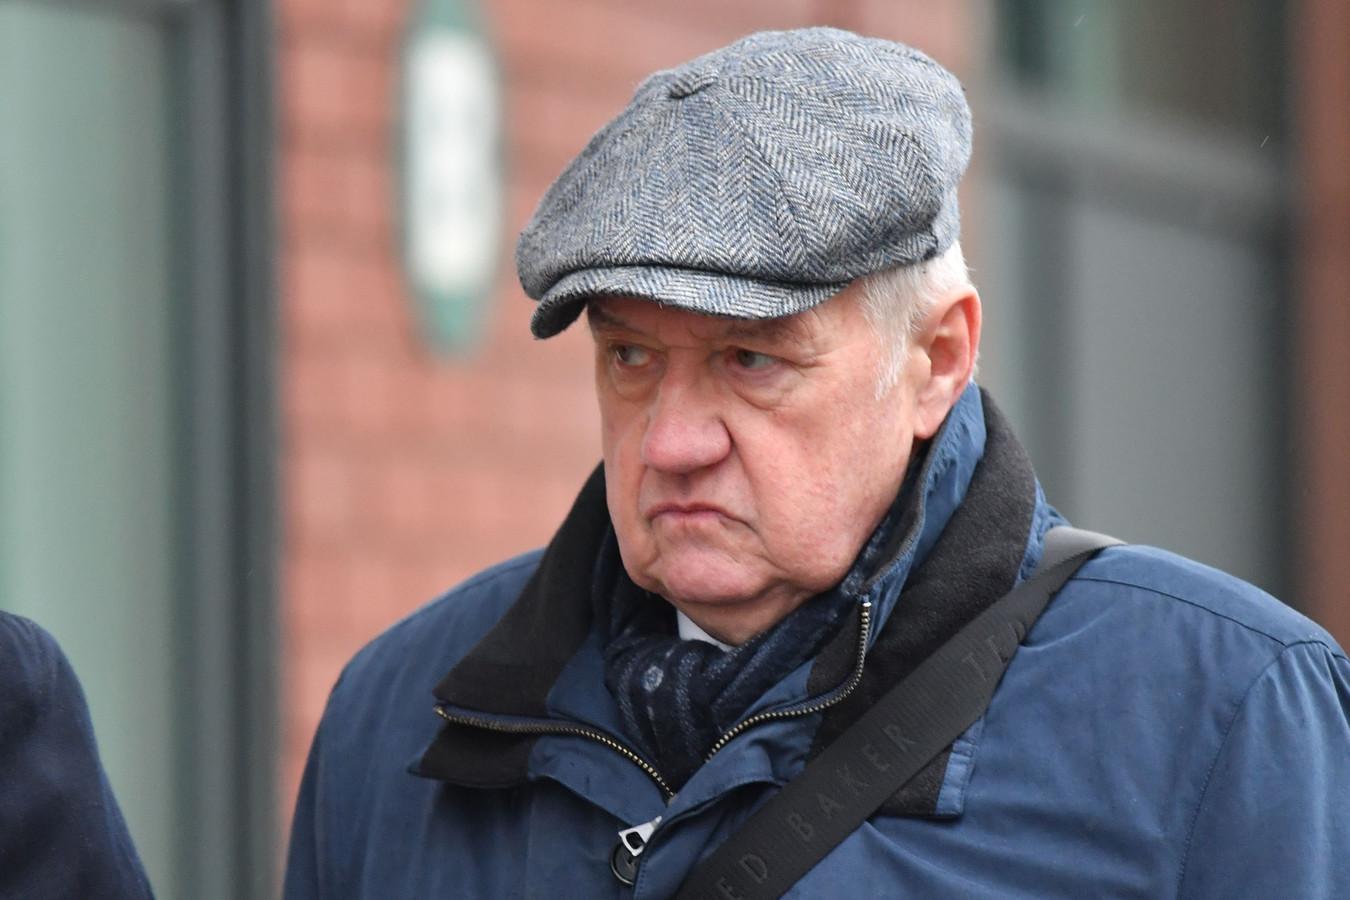 Voormalig politiechef David Duckenfield (75) gaf vier jaar geleden toe gelogen te hebben. Hij is nu vrijgesproken.